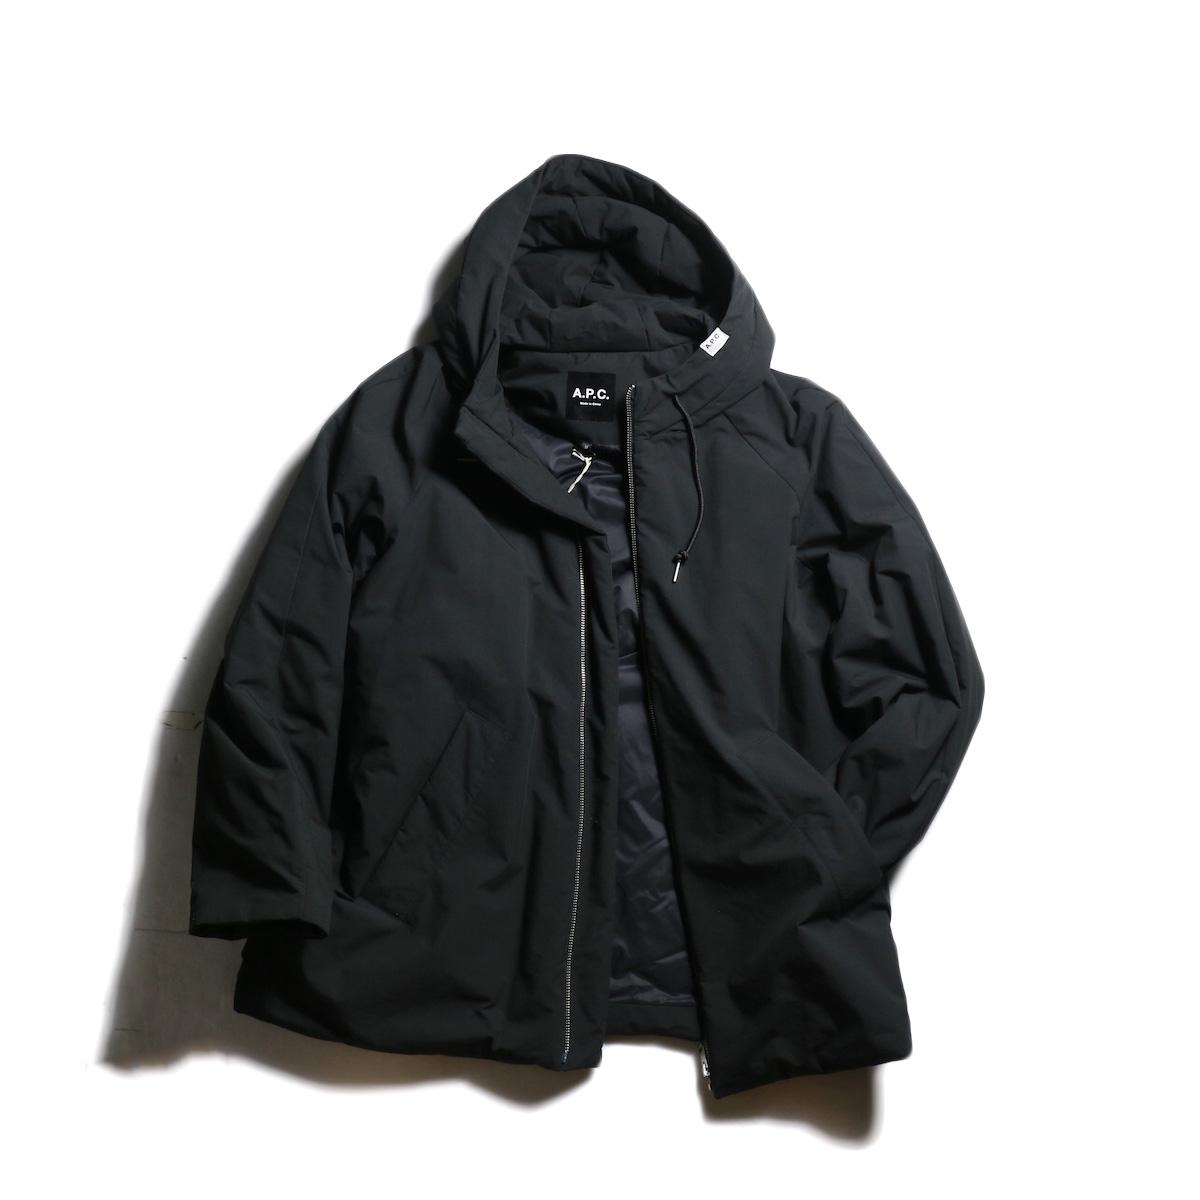 A.P.C. / East パーカ (Black)